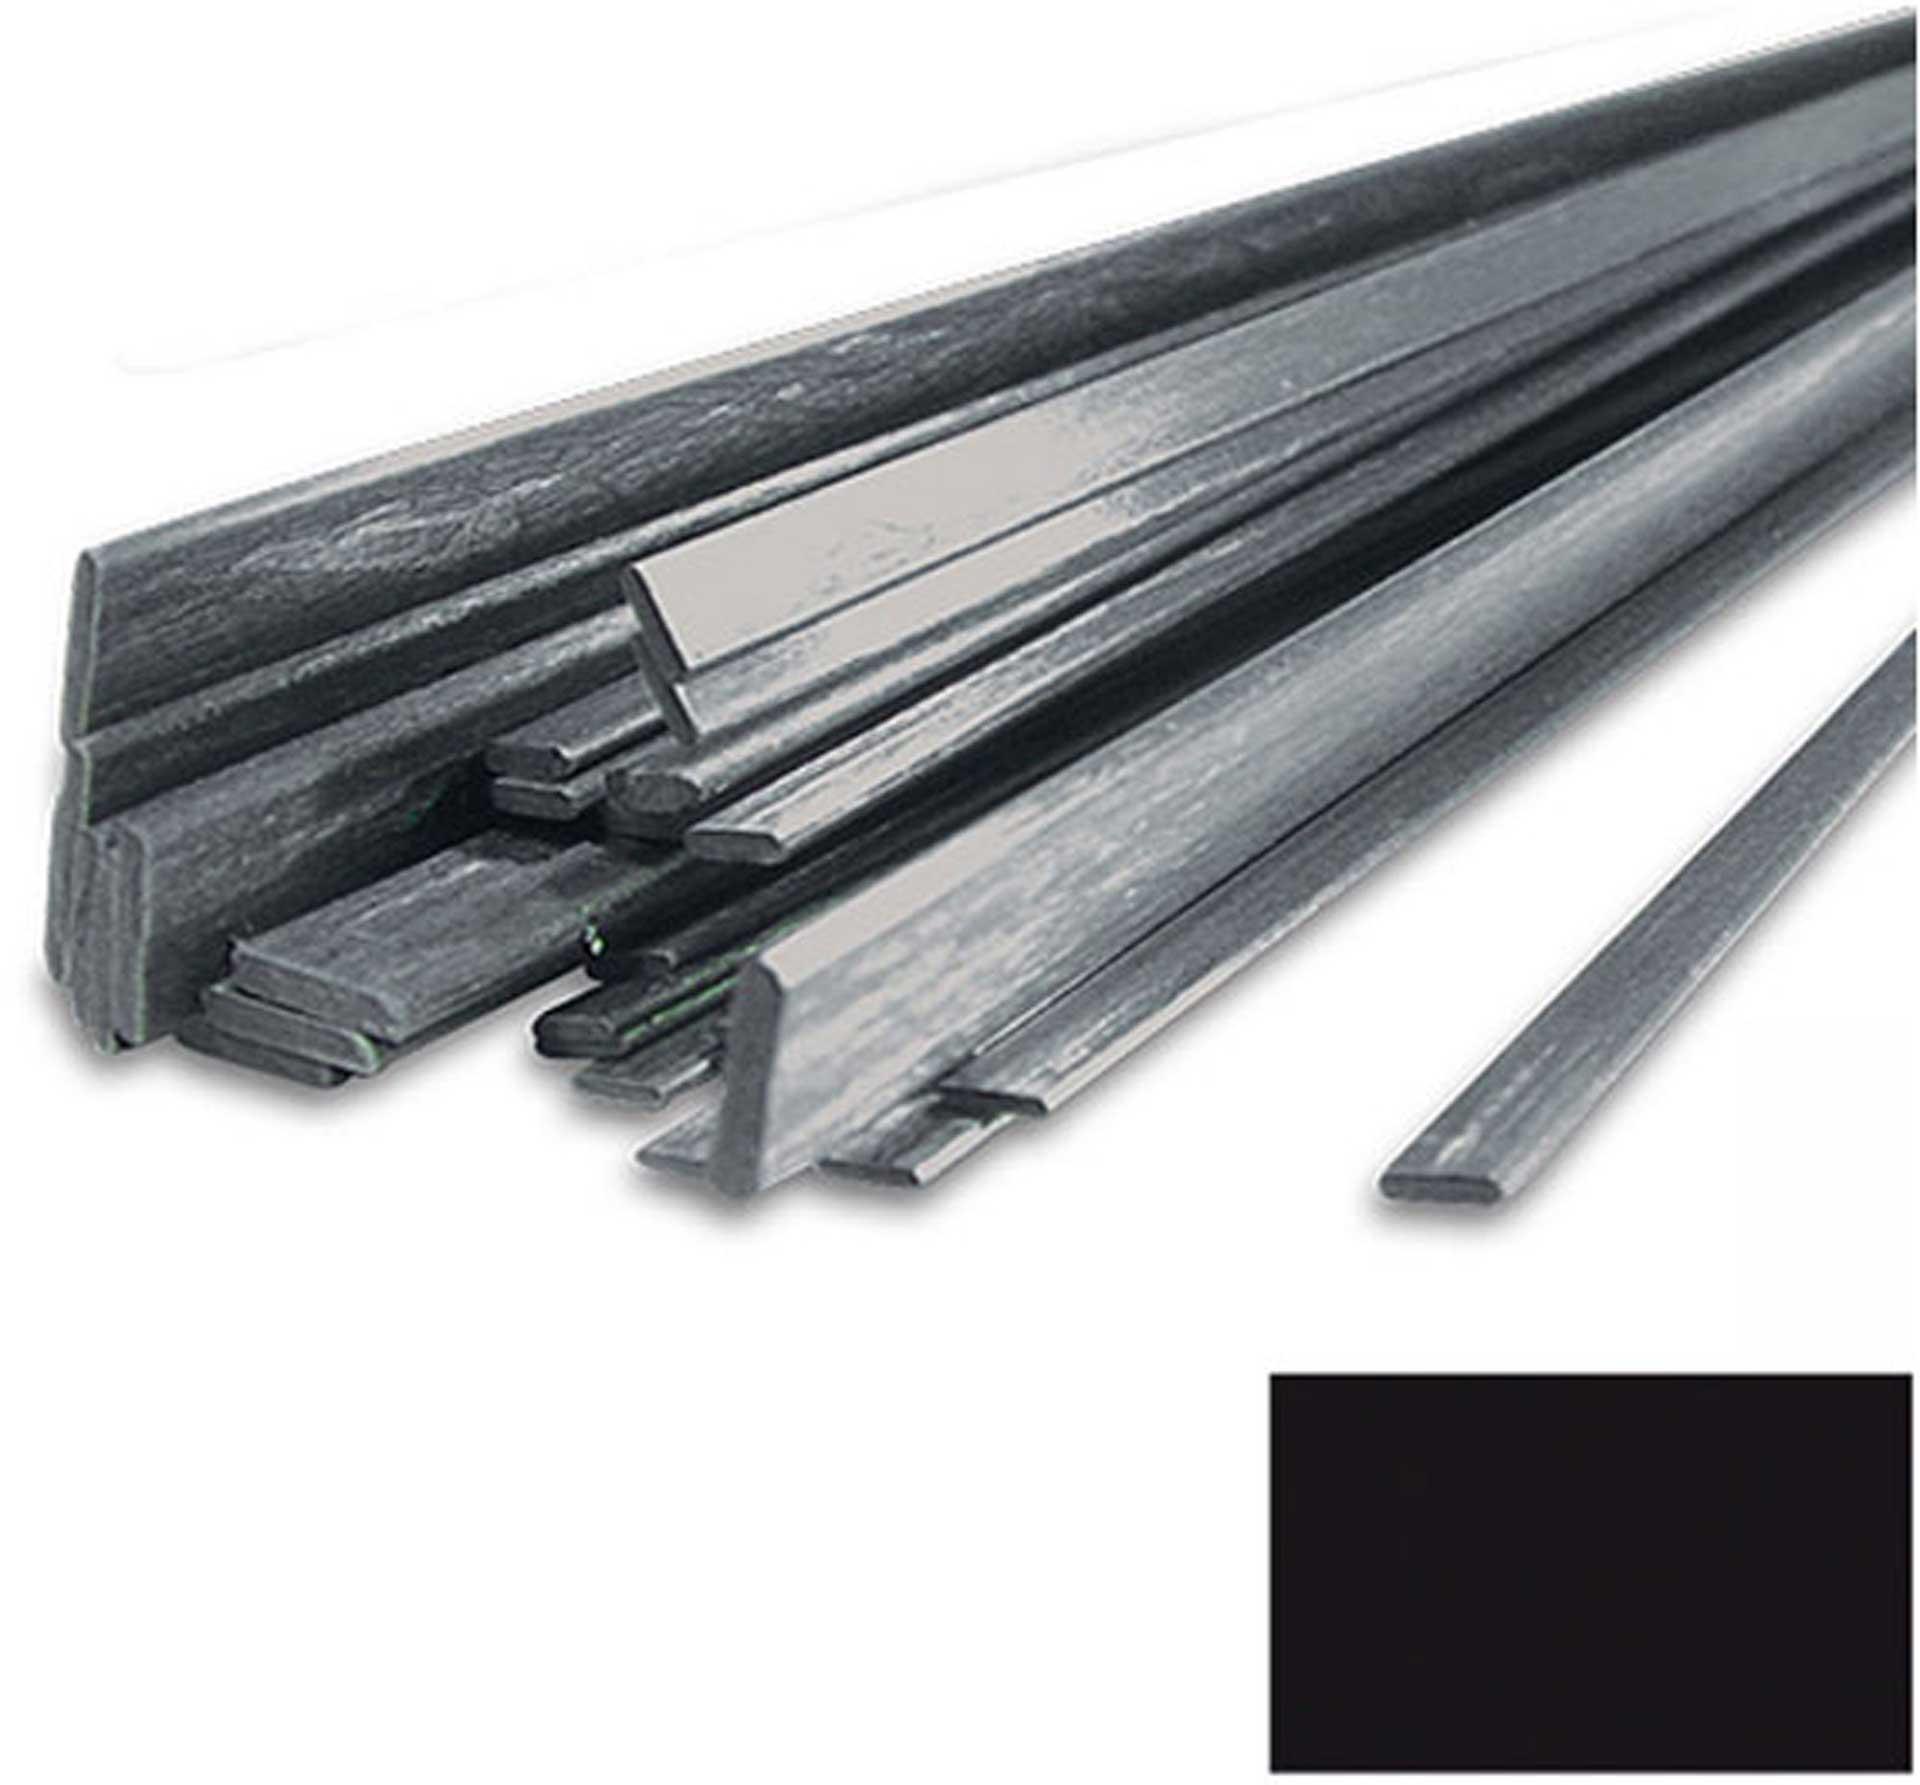 R&G CFK-Rechteckstab (10,0 x 0,5) x 1000 mm